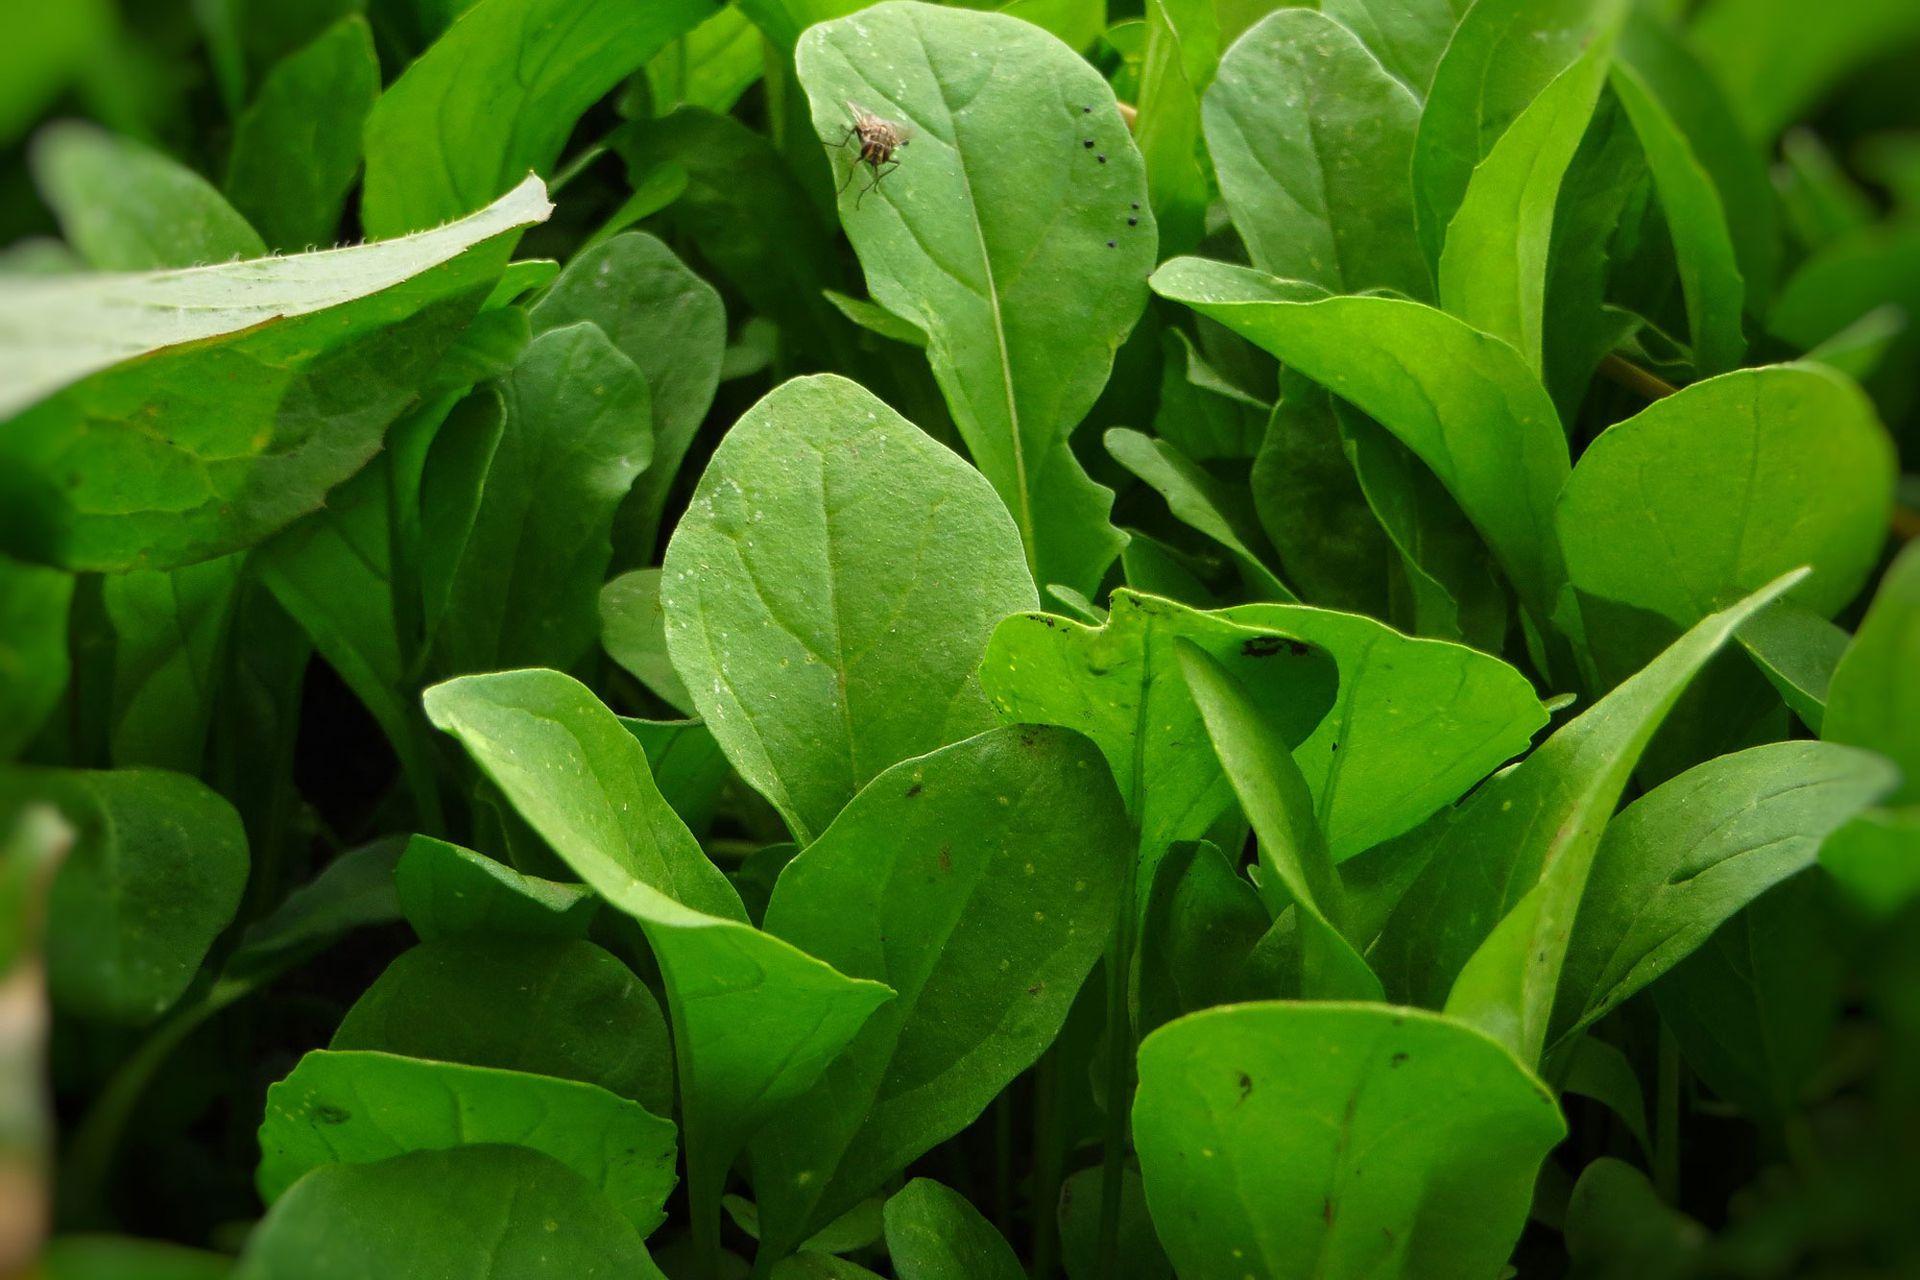 La rúcula puede consumirse fresca, cocida o rehogada.